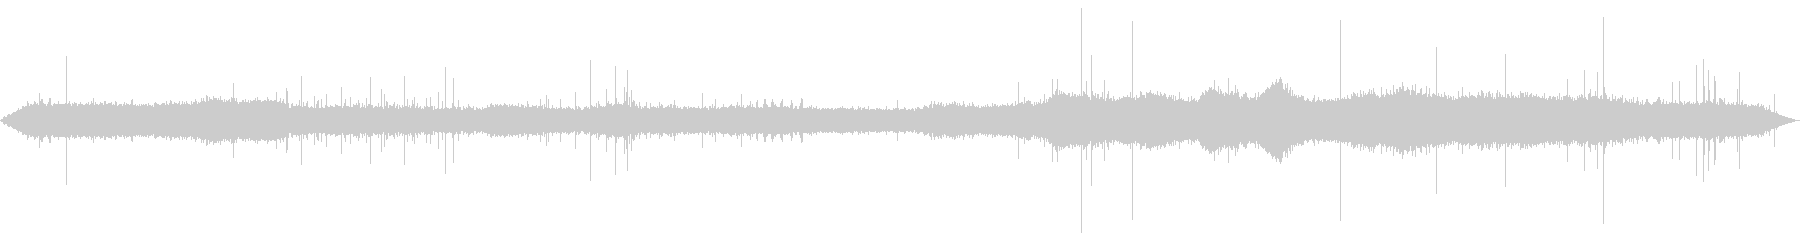 【自然音】雨の森01(押方)バイノーラルの未再生の波形